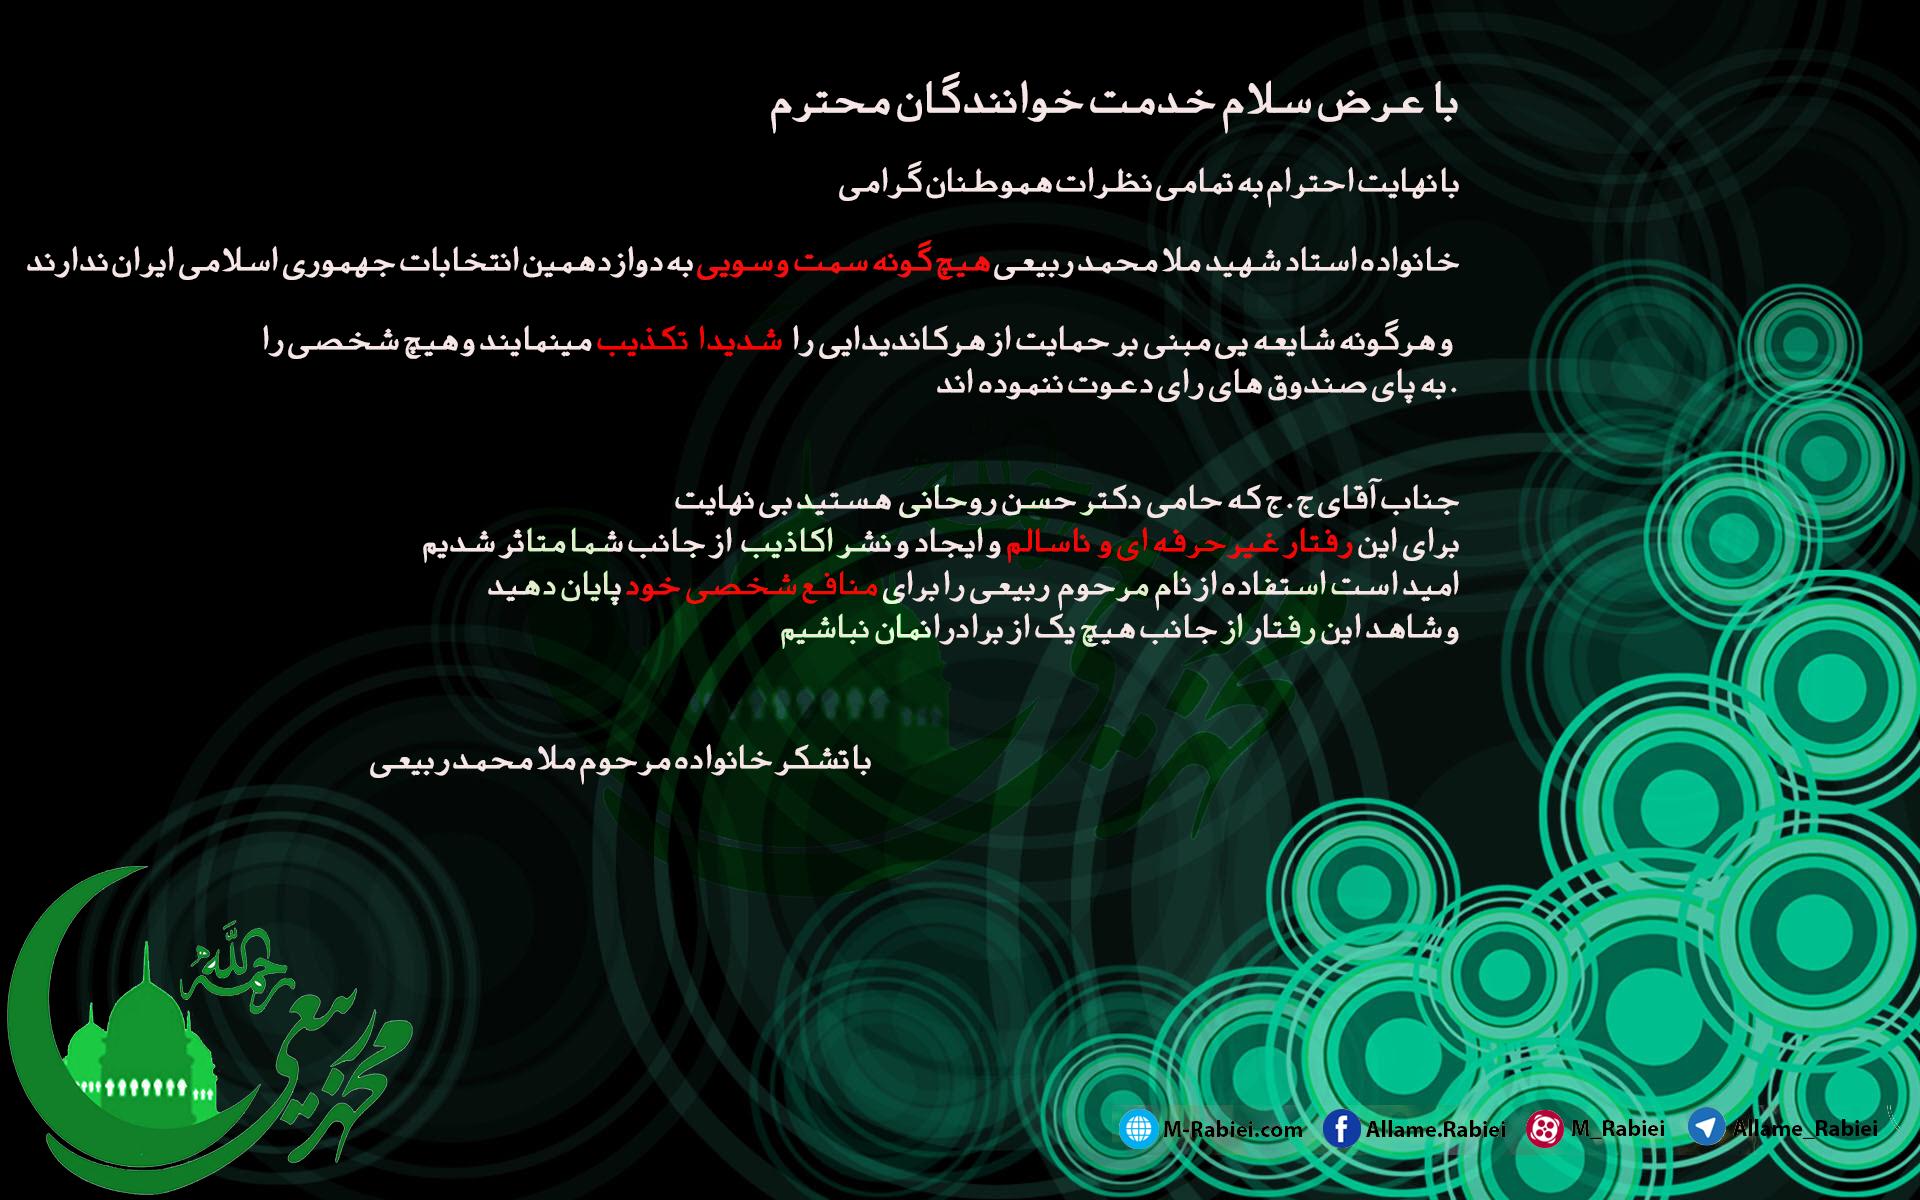 اطلاعیه درباره انتخابات و نشر اکاذیب